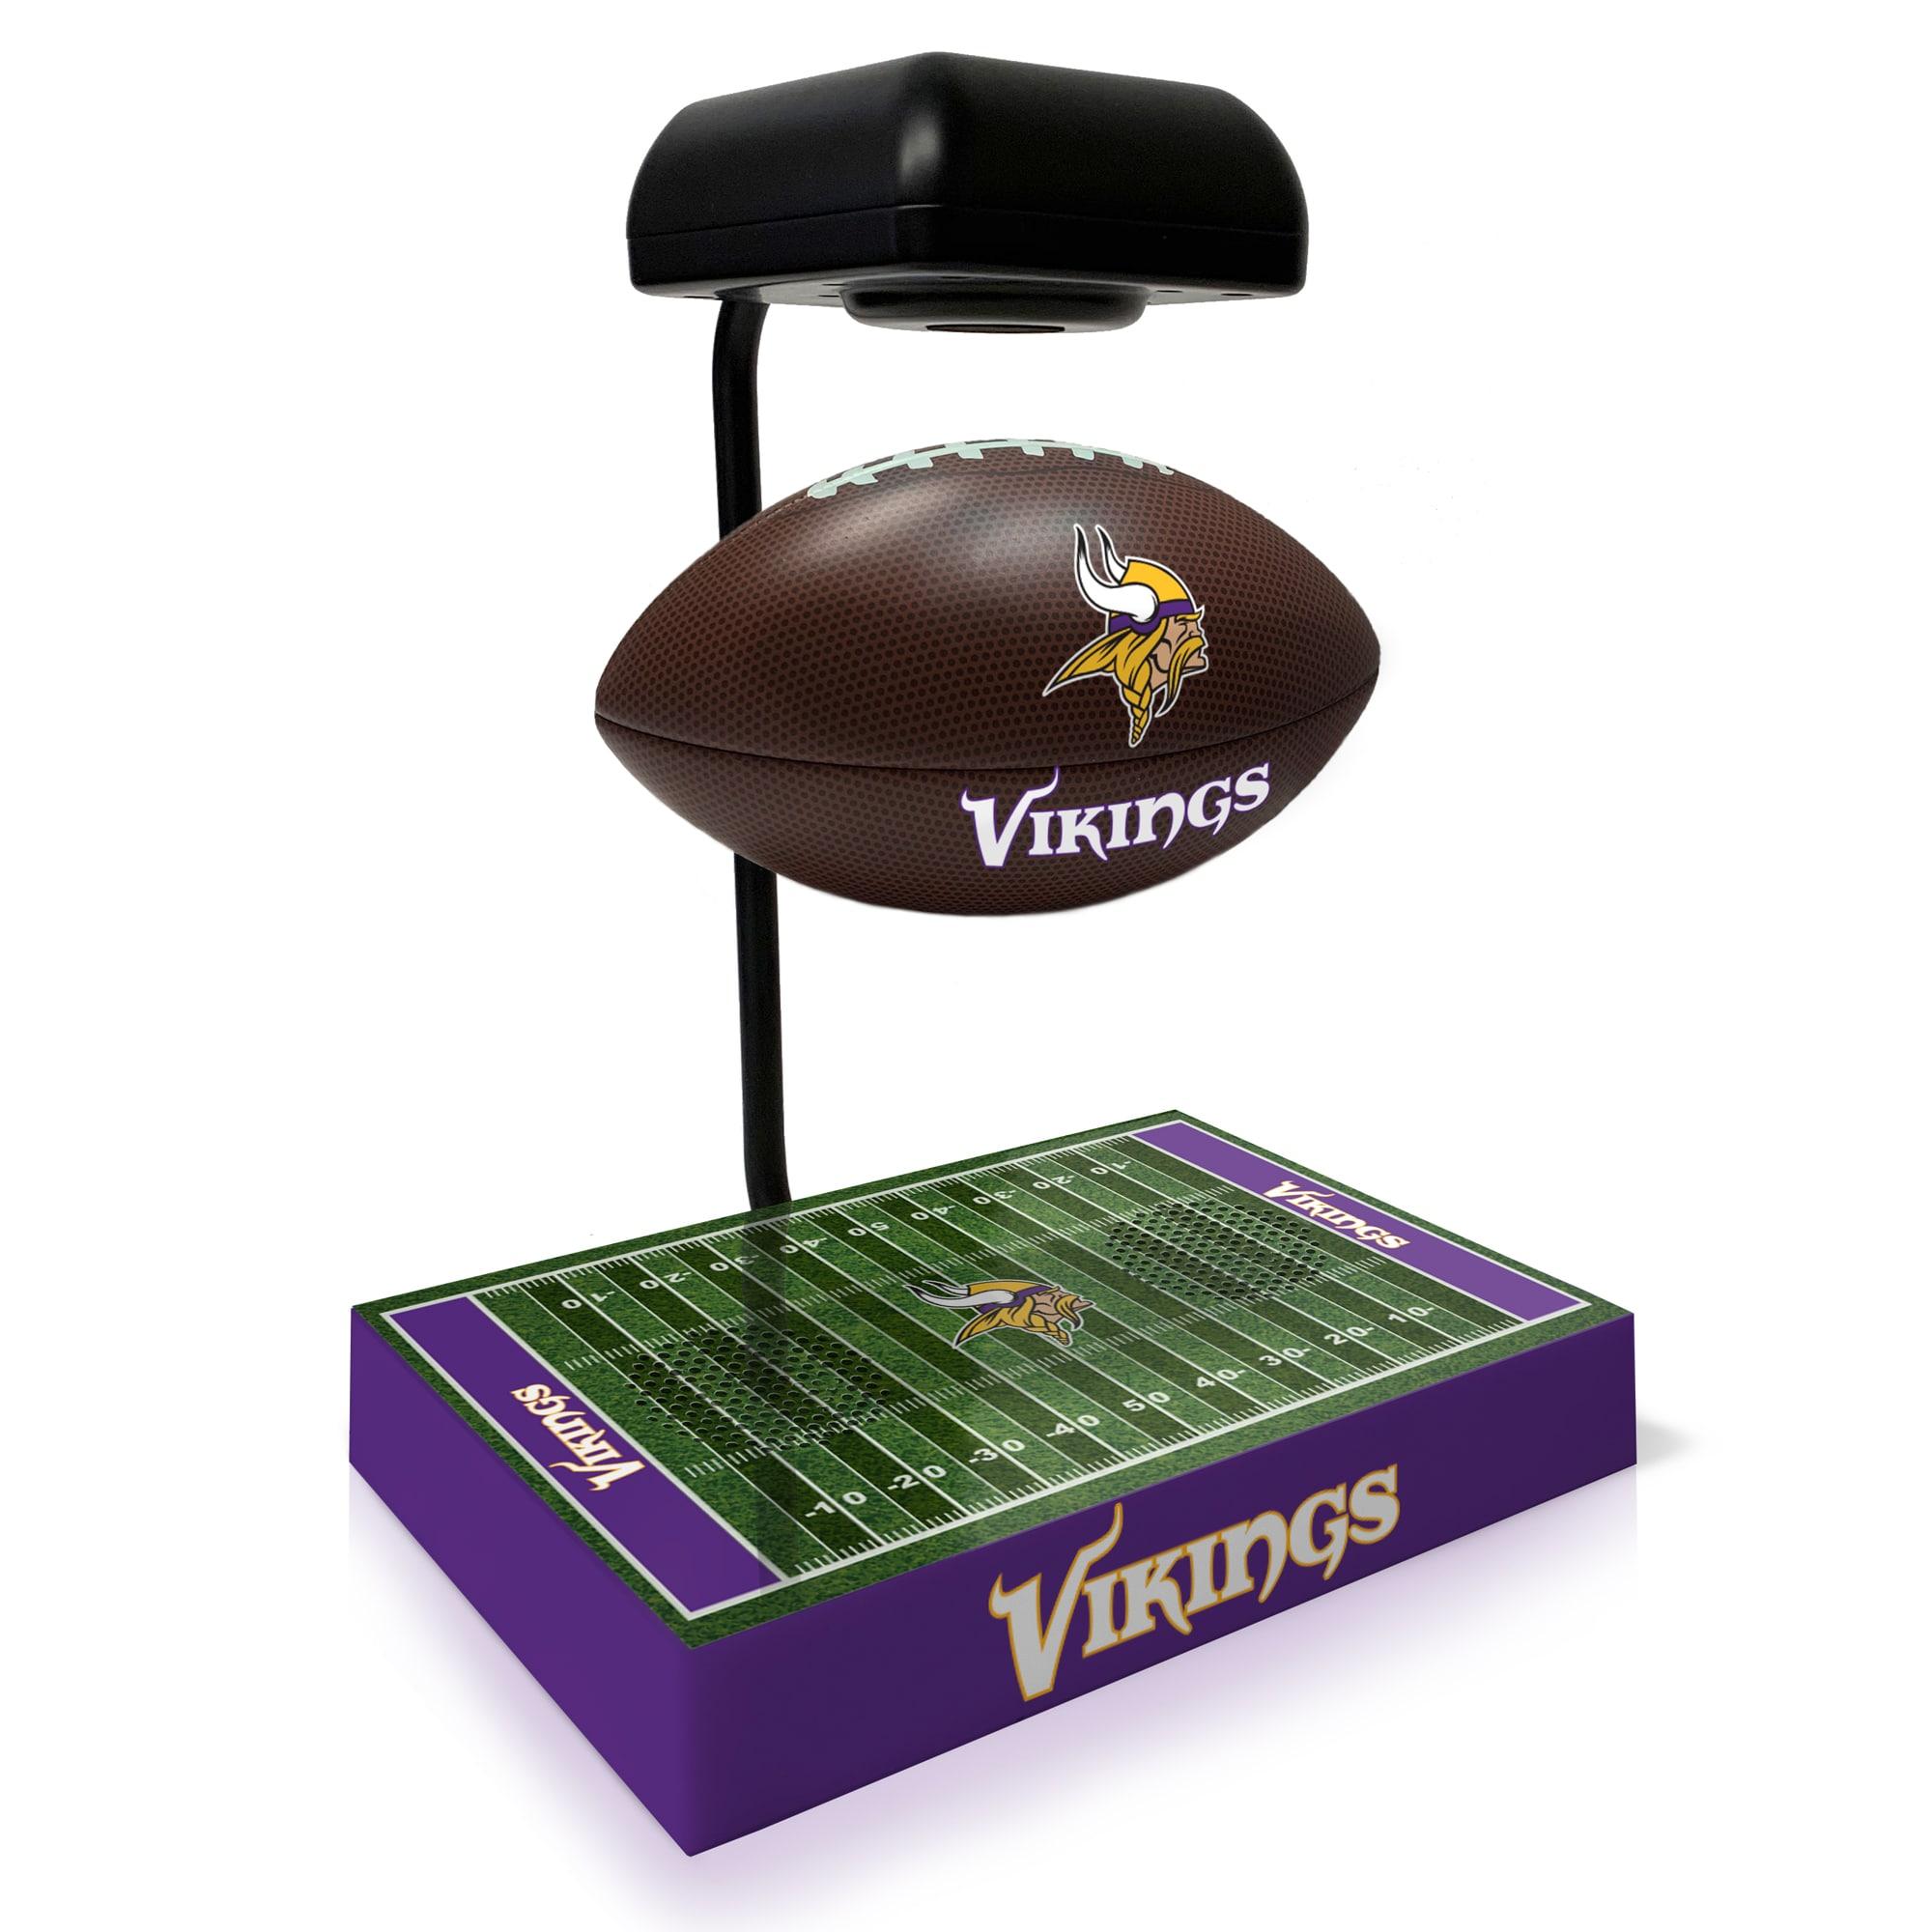 Minnesota Vikings Hover Football With Bluetooth Speaker